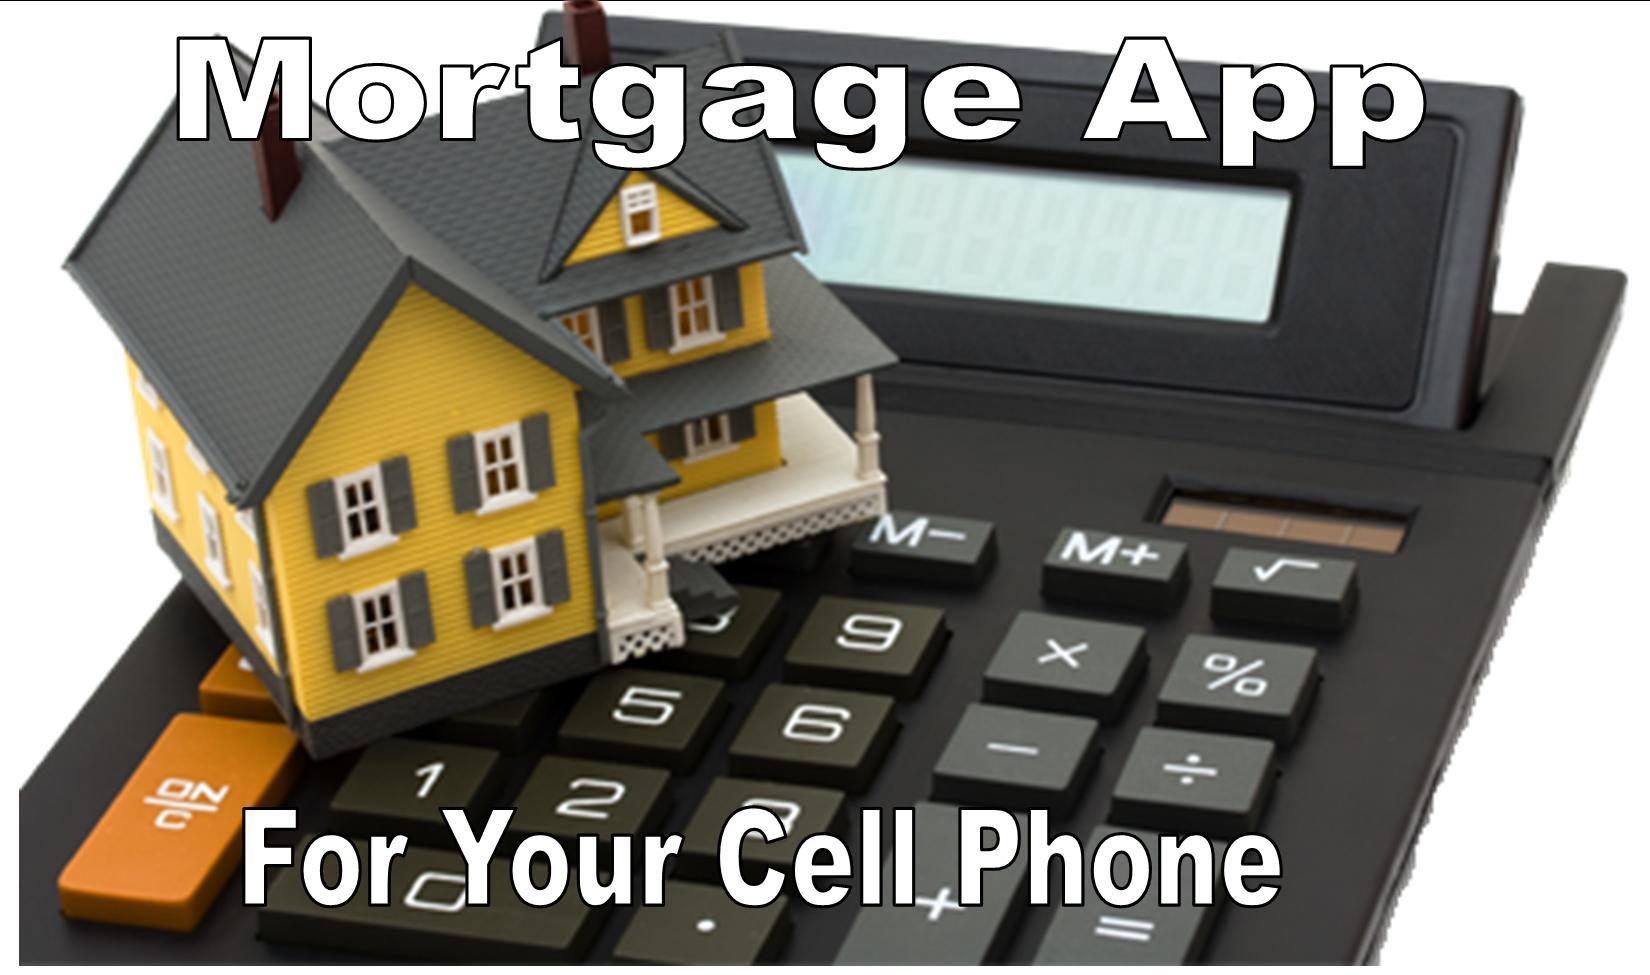 HDR_ARG_mortgageapp1jpg.jpg